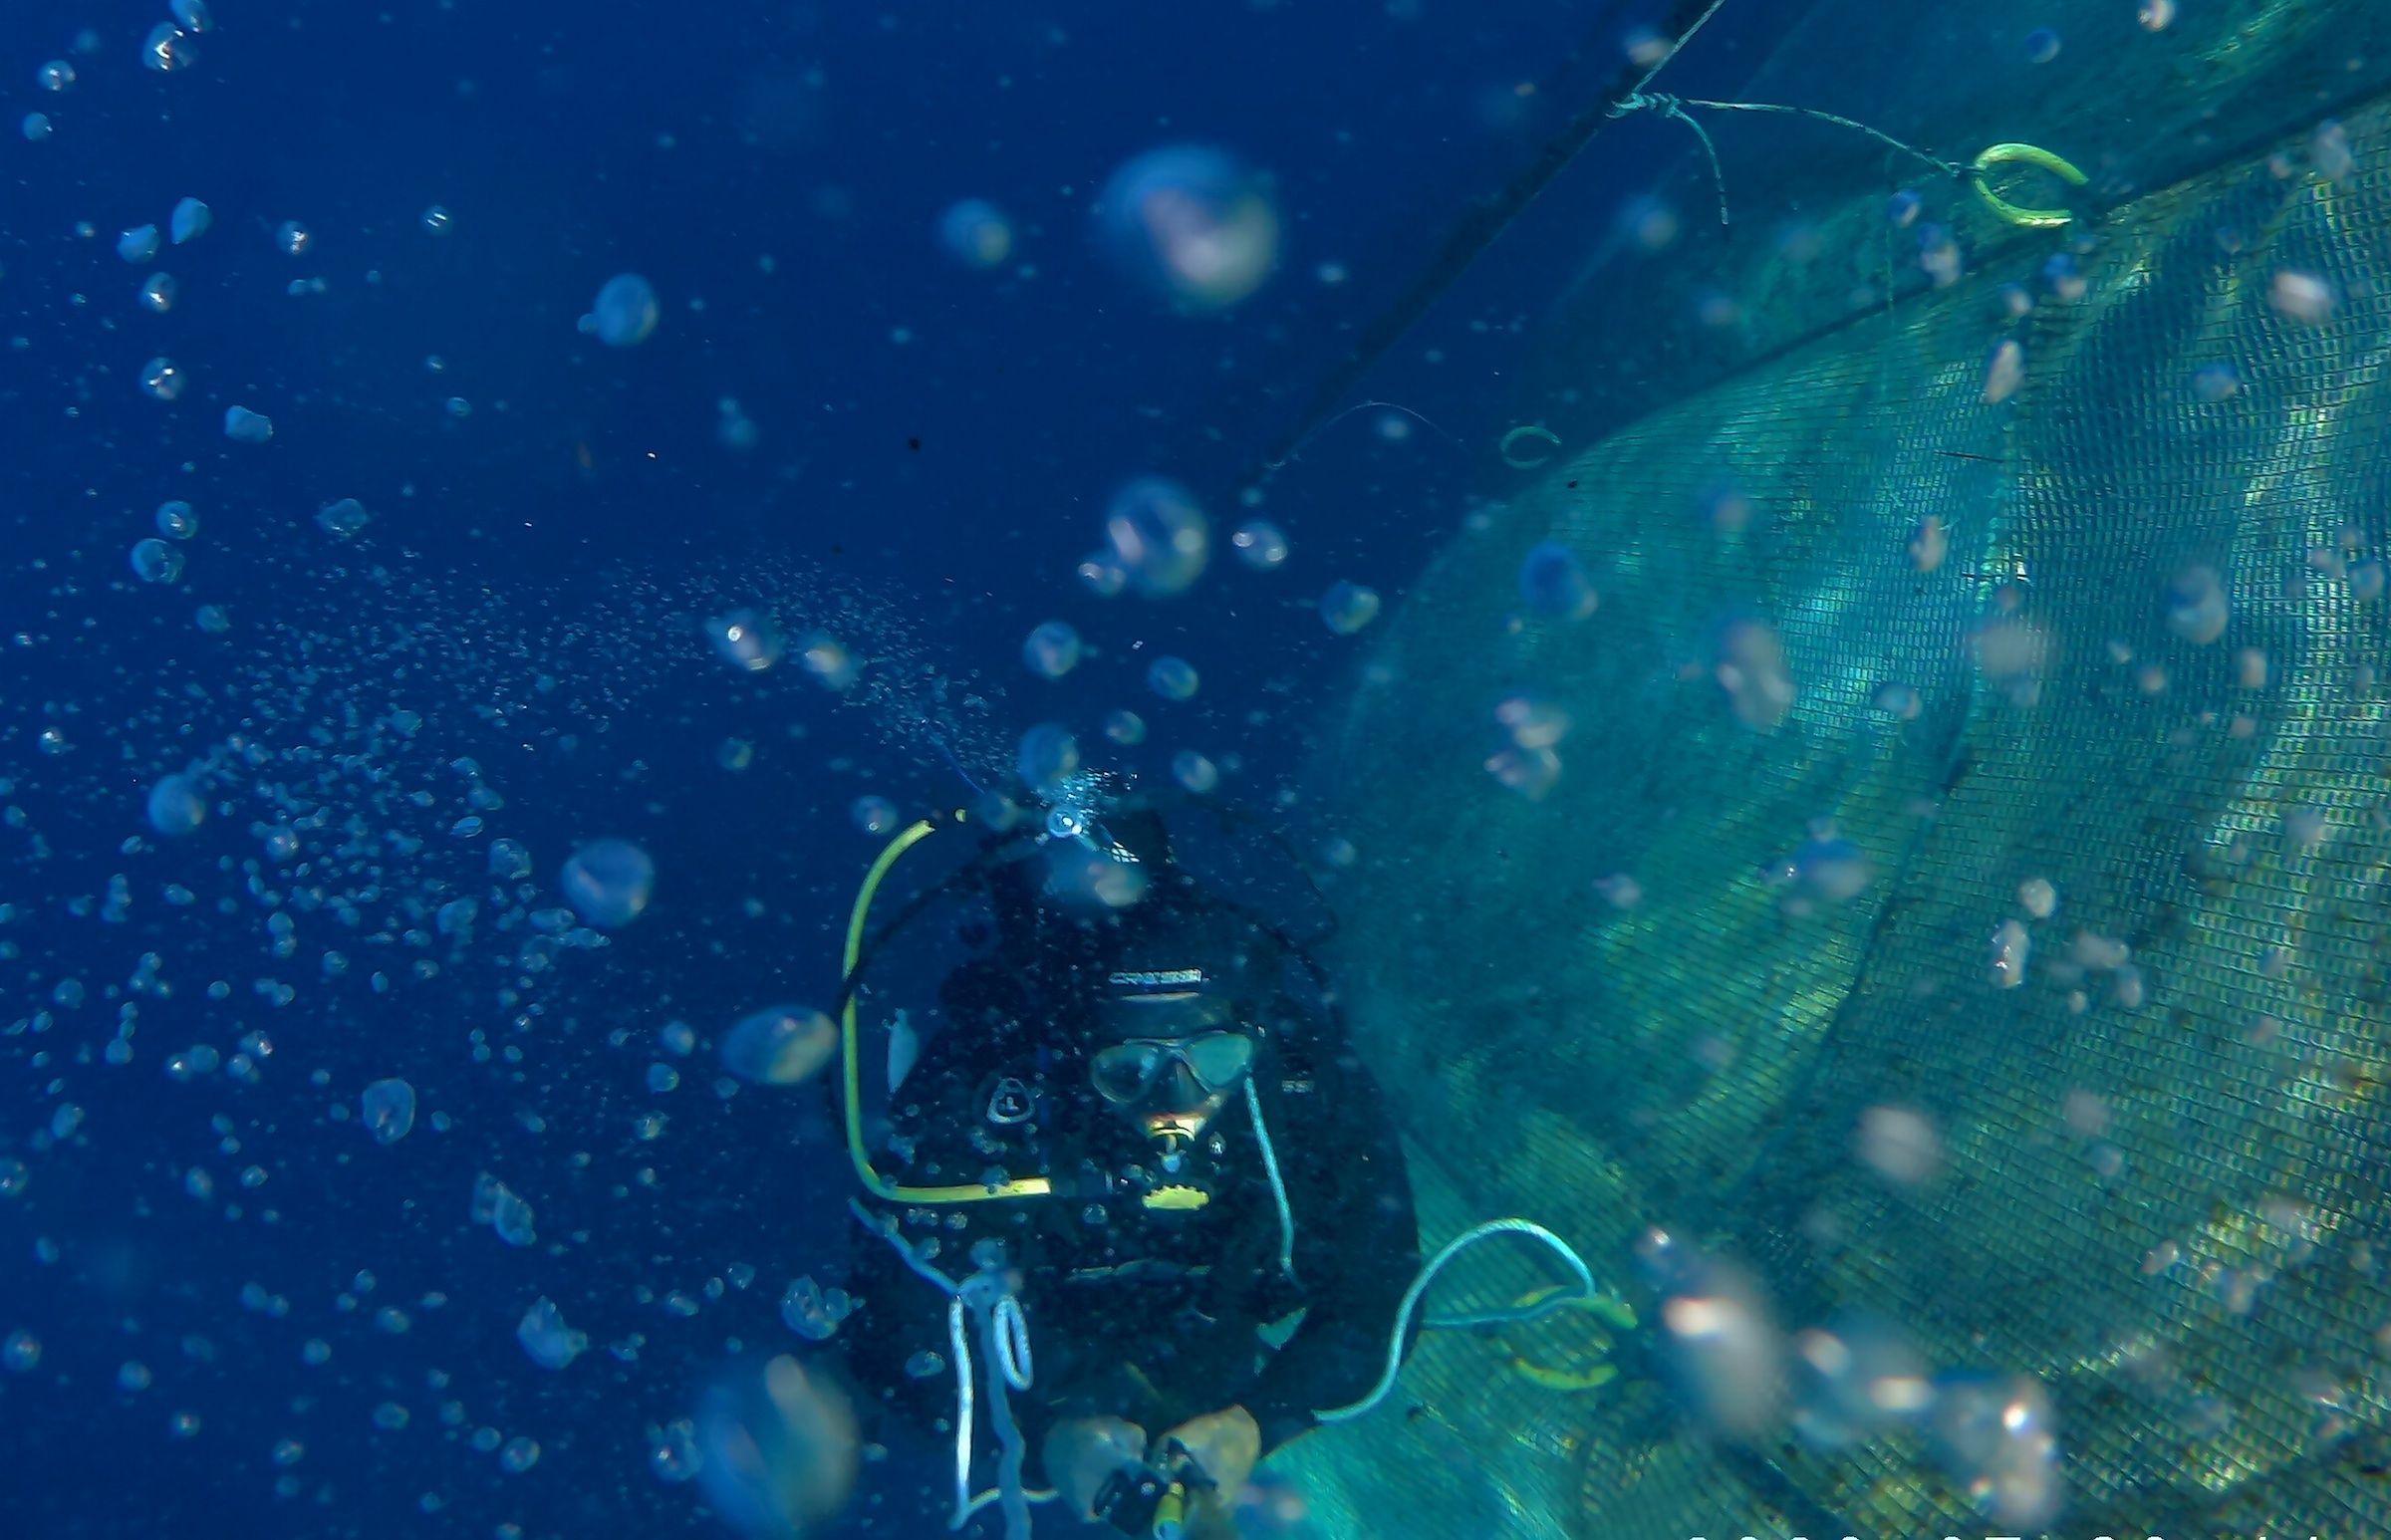 El fototrampeo permite la captación de imágenes subacuáticas al equipo de la CEU UCH para el estudio de peces salvajes en torno a granjas acuícolas de Canarias y la Comunidad Valenciana, en el proyecto Parapez 3.